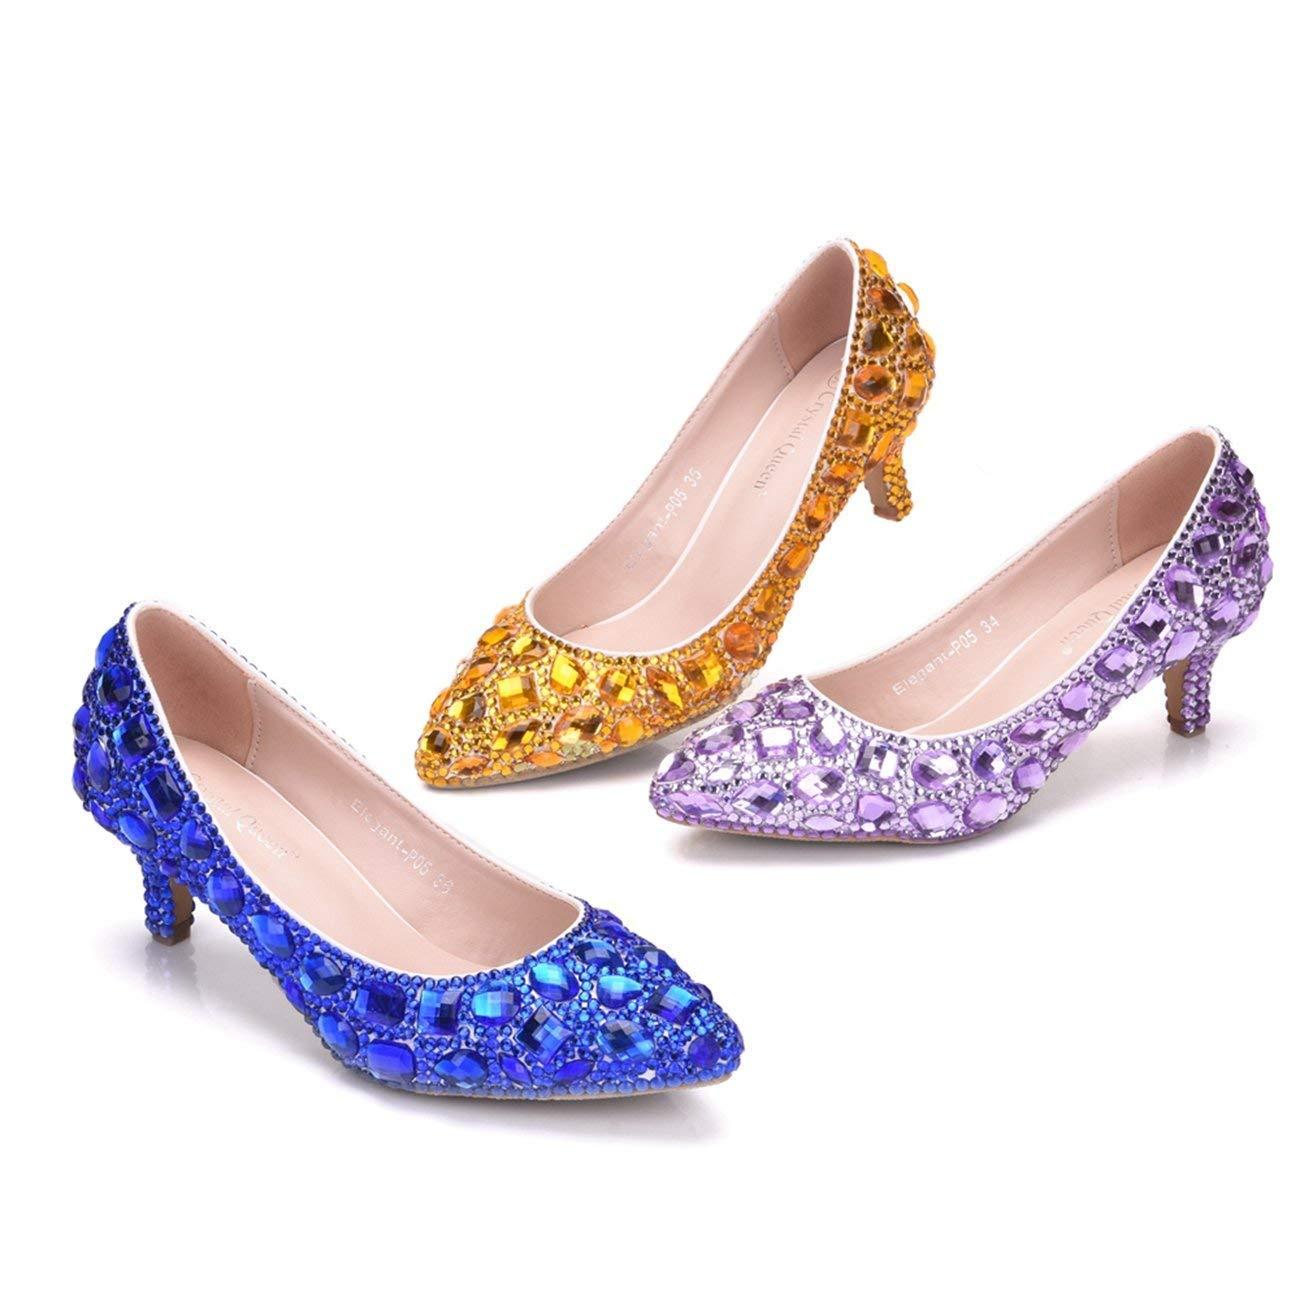 Qiusa Damen Low Heel Strass Perlen Slip-on Hochzeitskleid Party Schuhe Schuhe Schuhe (Farbe   Blau-6cm Heel, Größe   5 UK)  ca4599